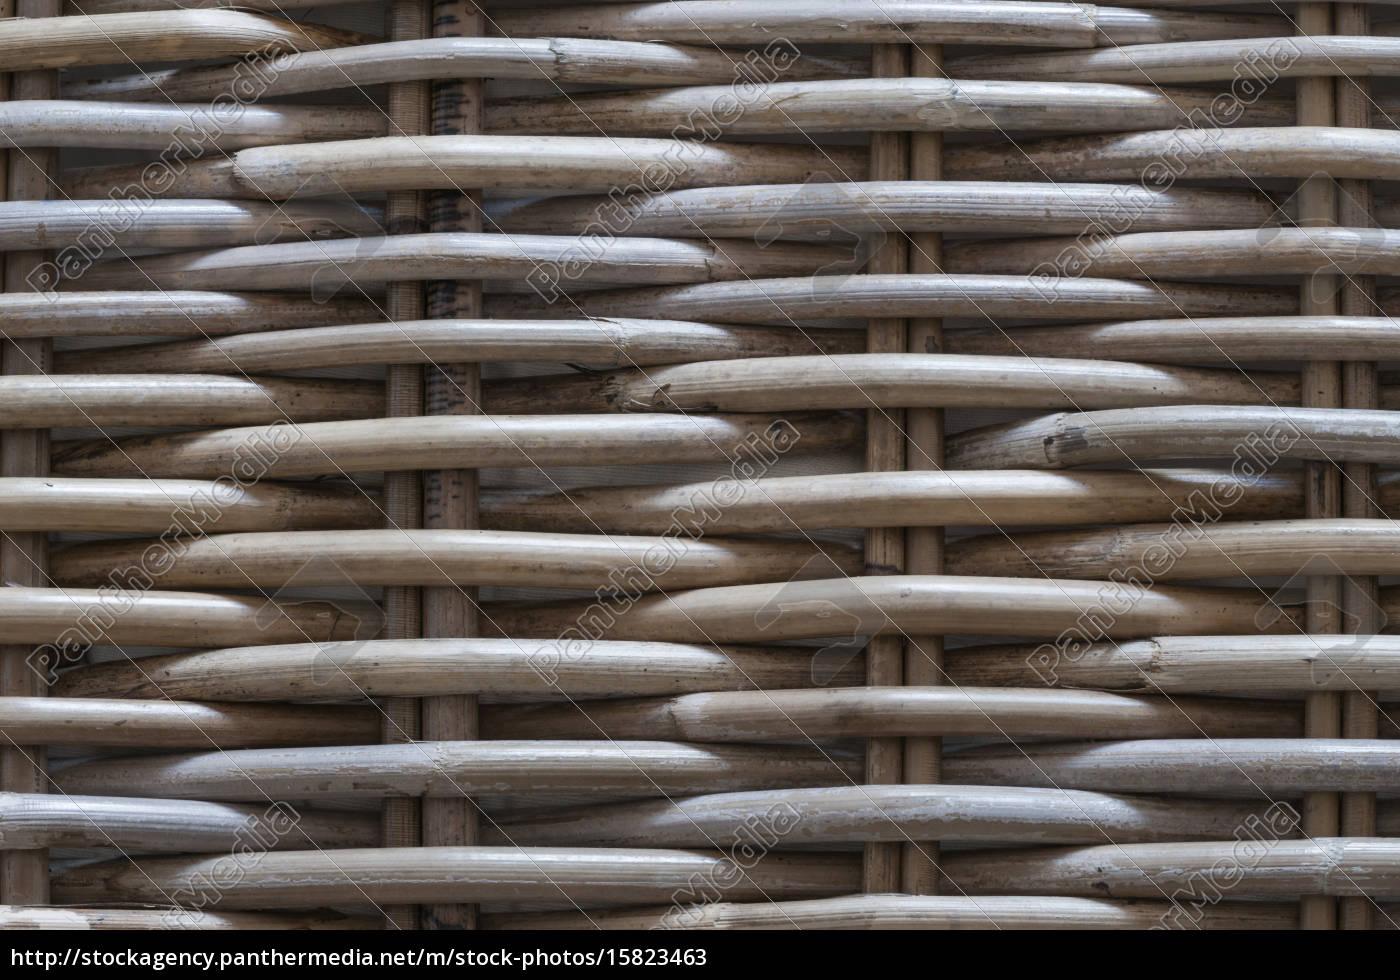 tło, wykonane, z, plecionych, wyrobów, koszowych - 15823463